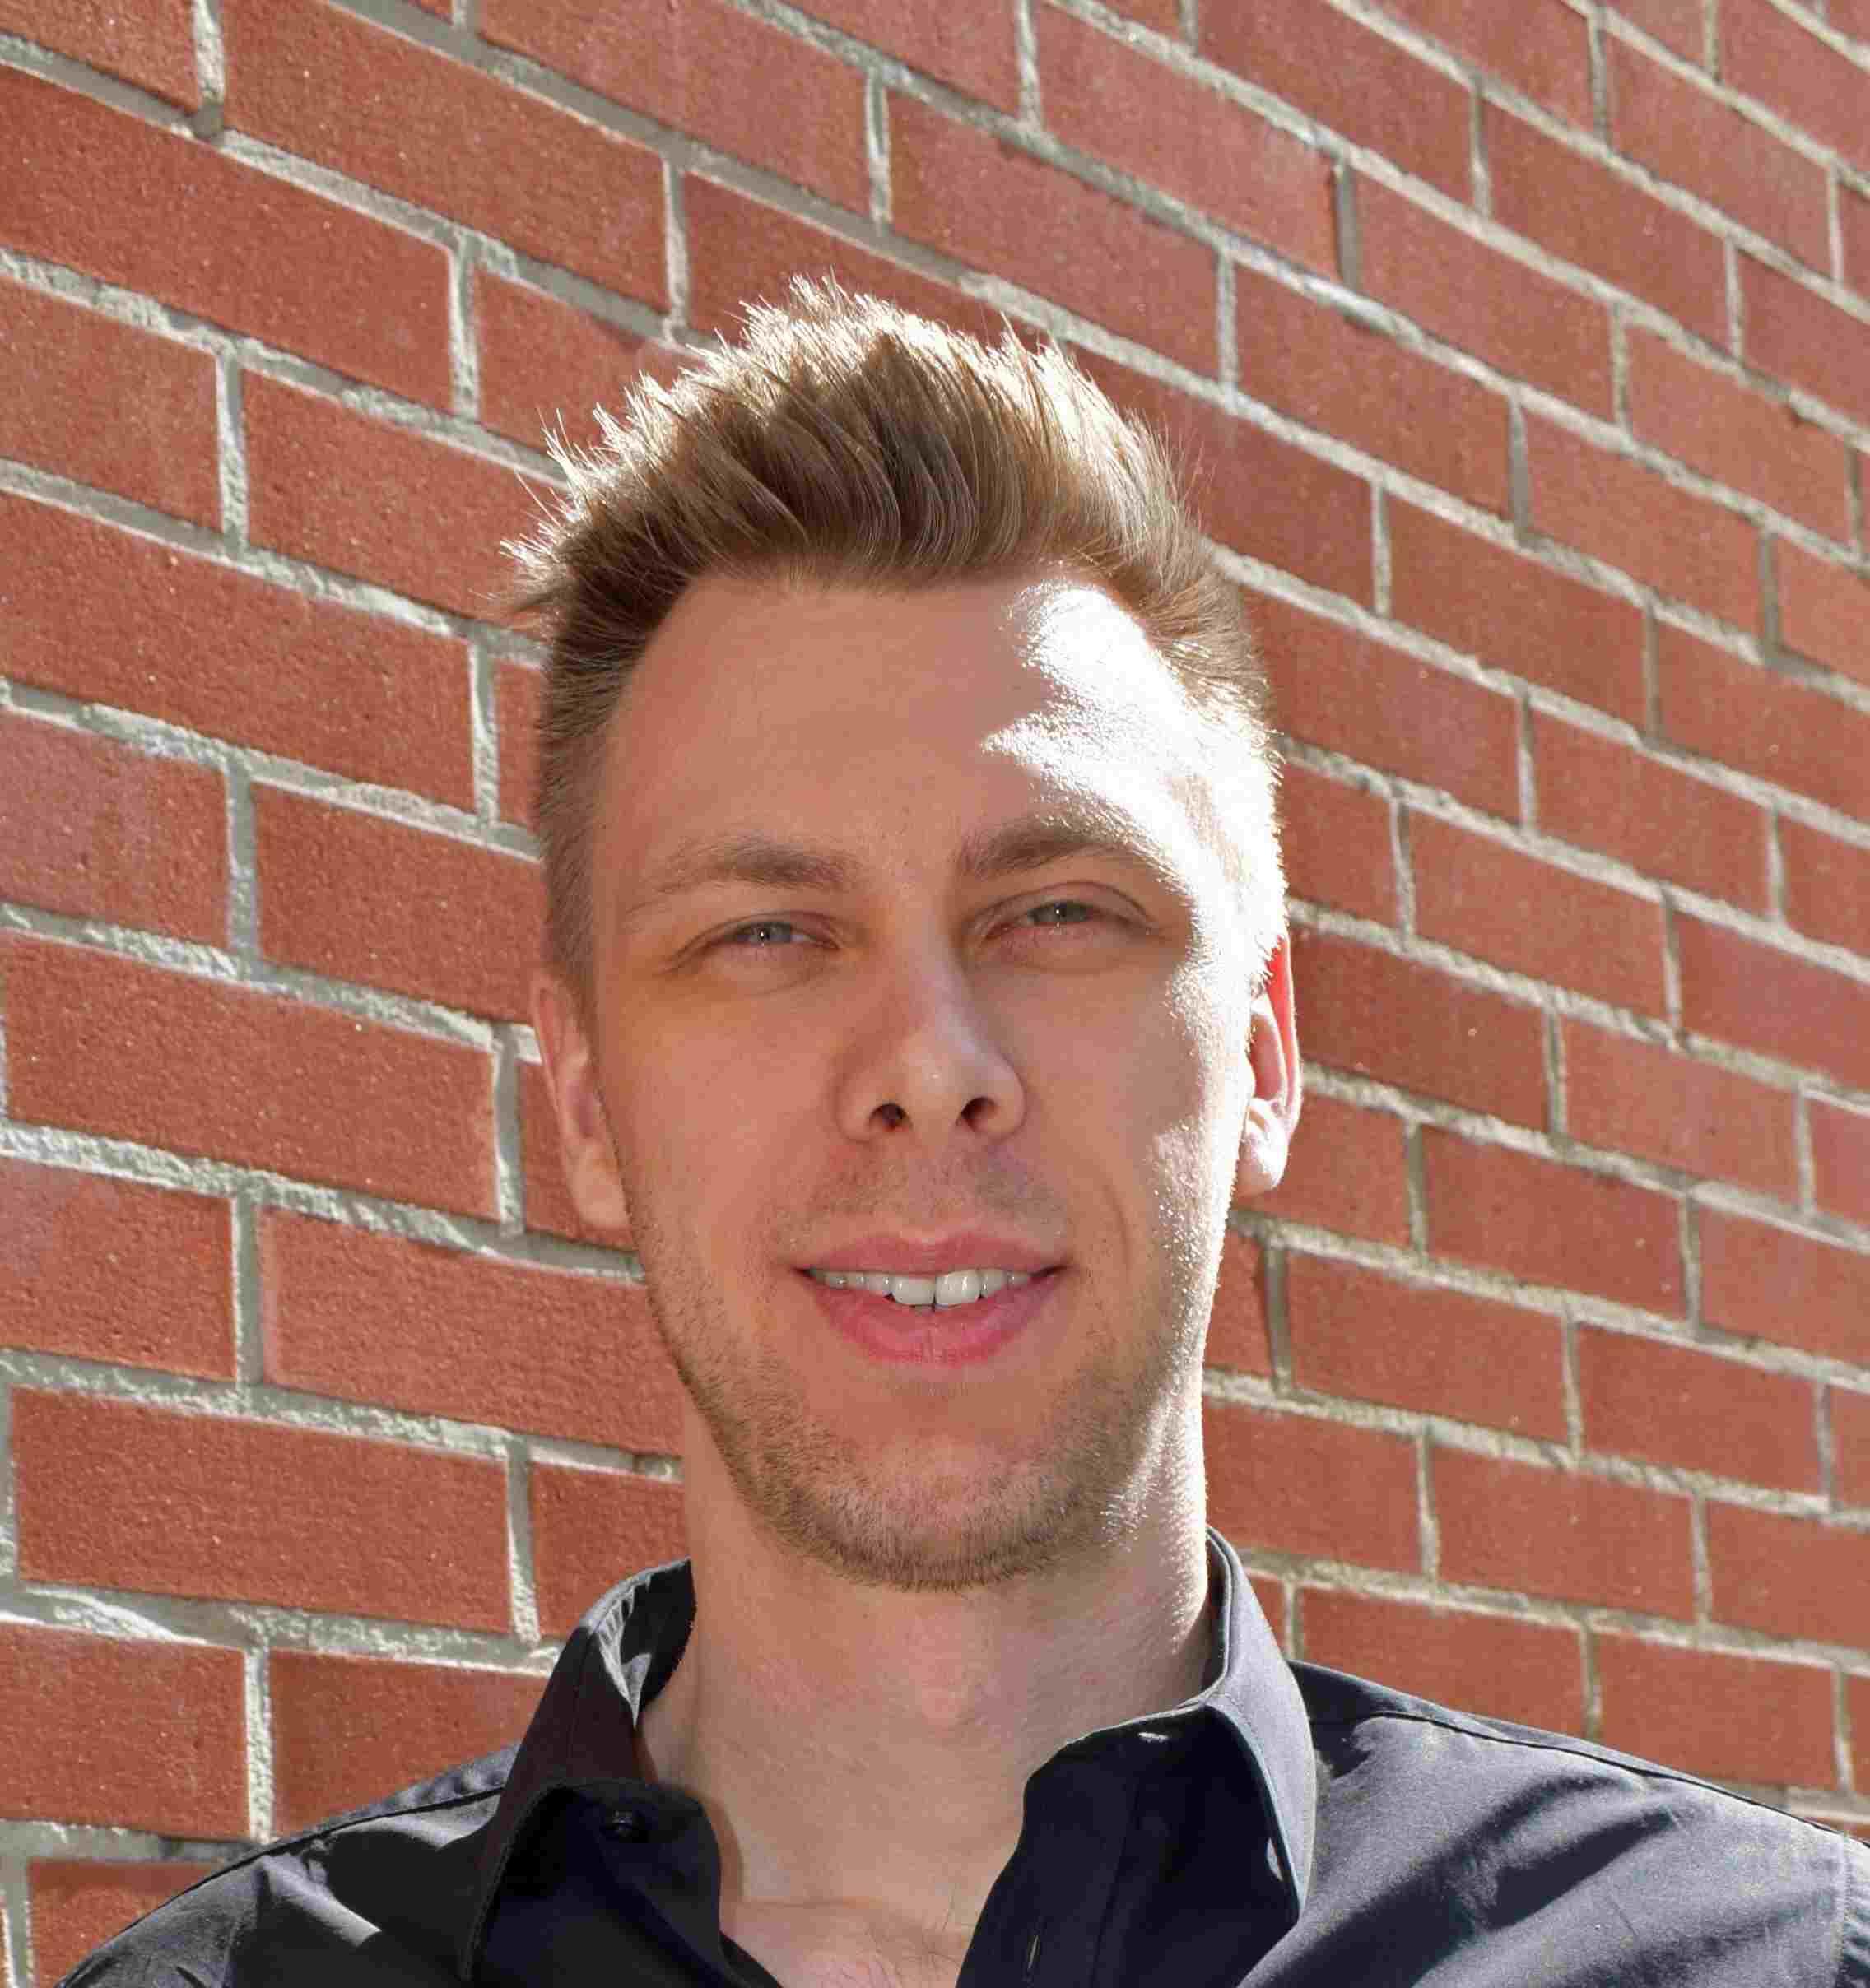 Paweł Pilacki / Senior AR Specialist